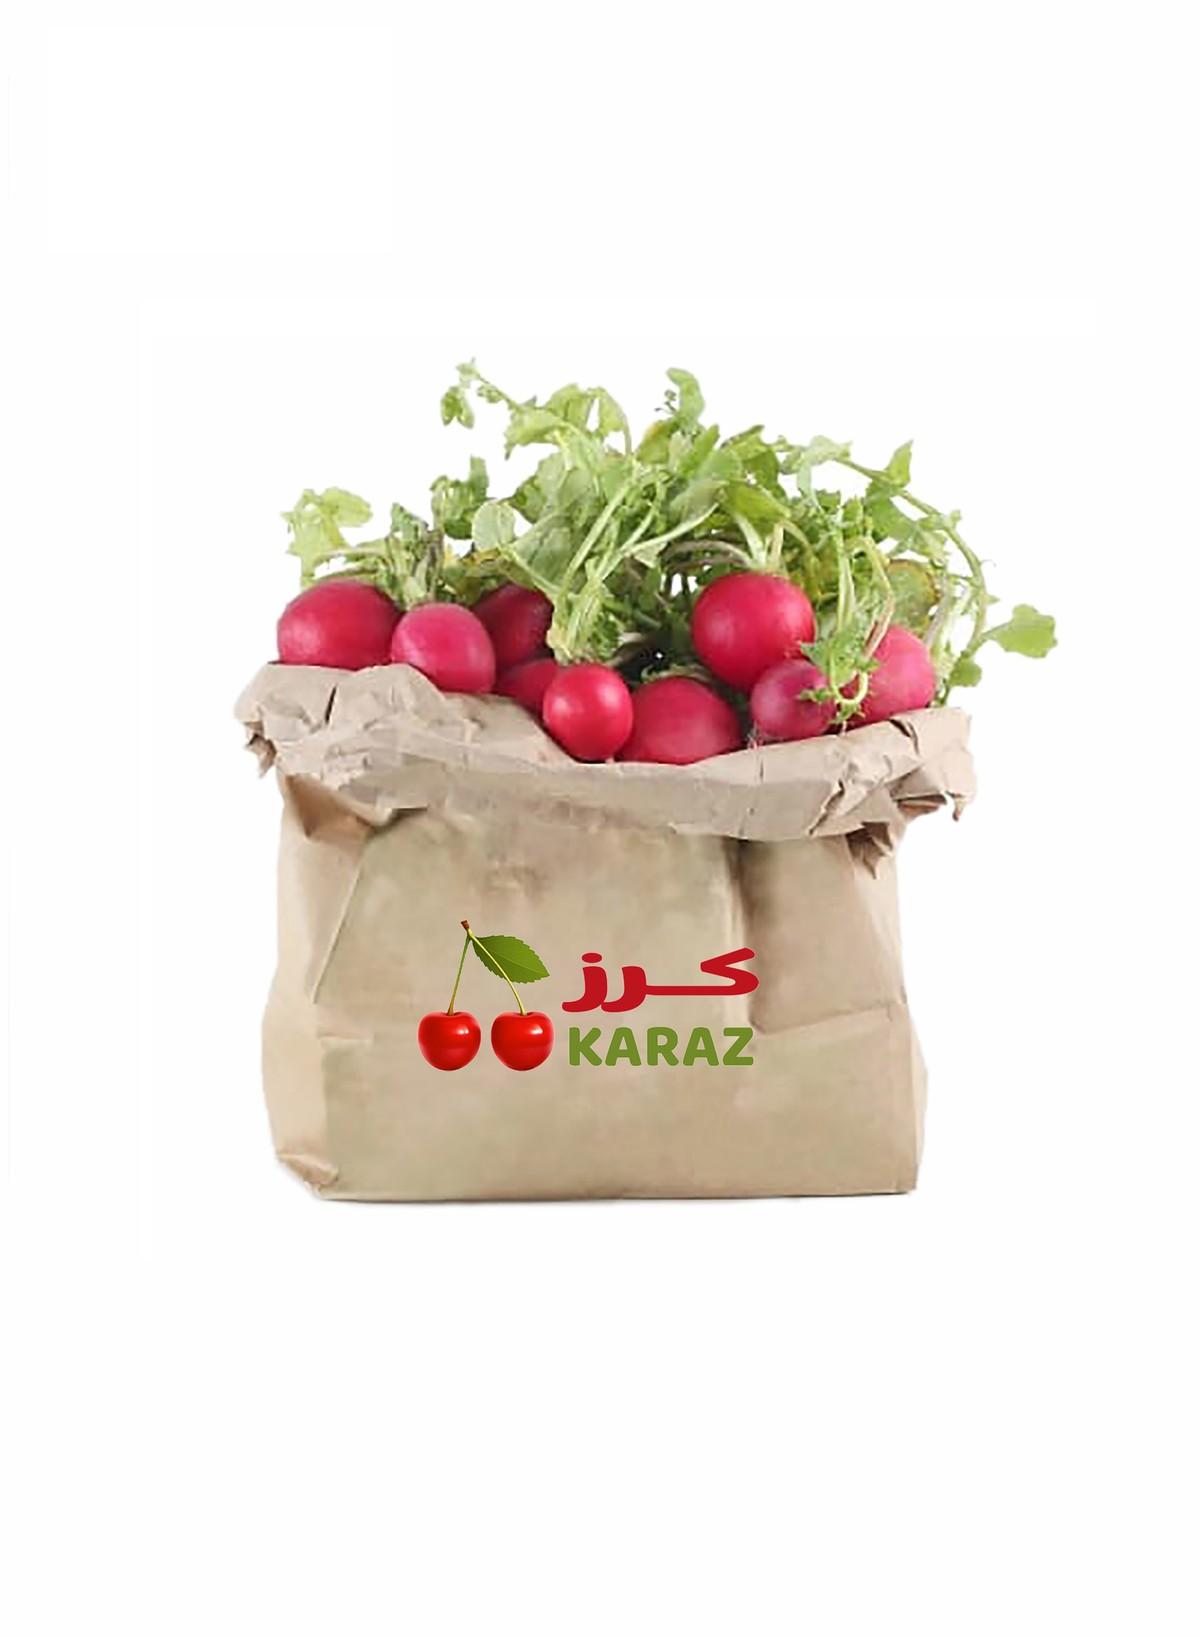 متجر كرز للخضار والفواكه في الرياض حي الياسمين